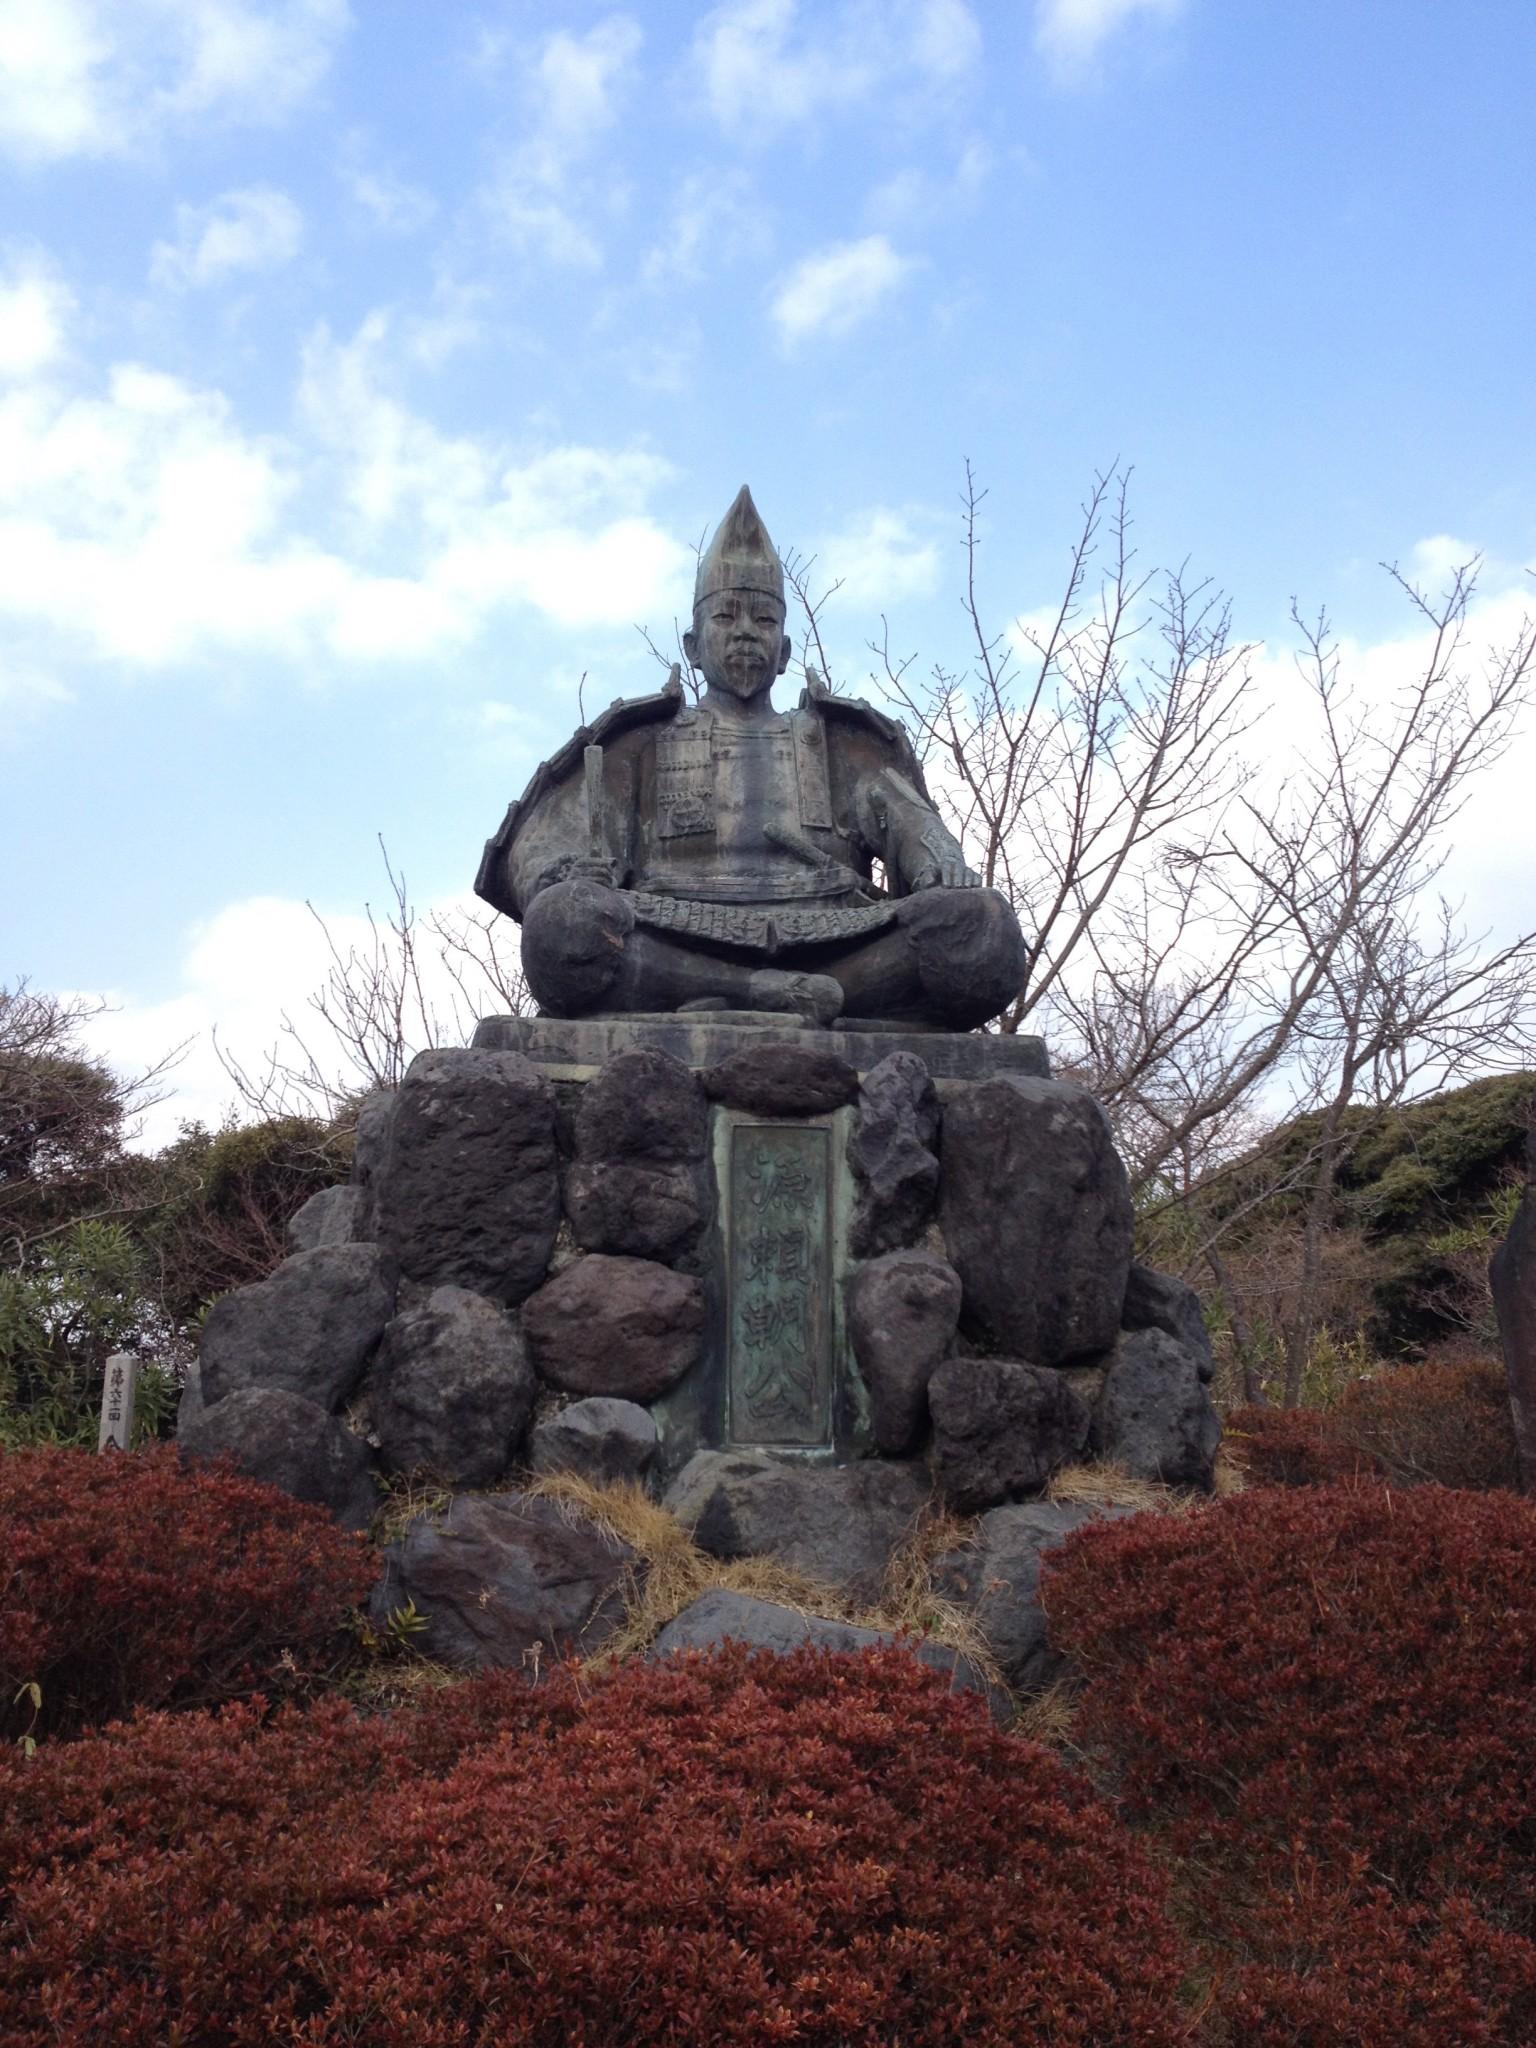 Kamakura – truly a city full of history